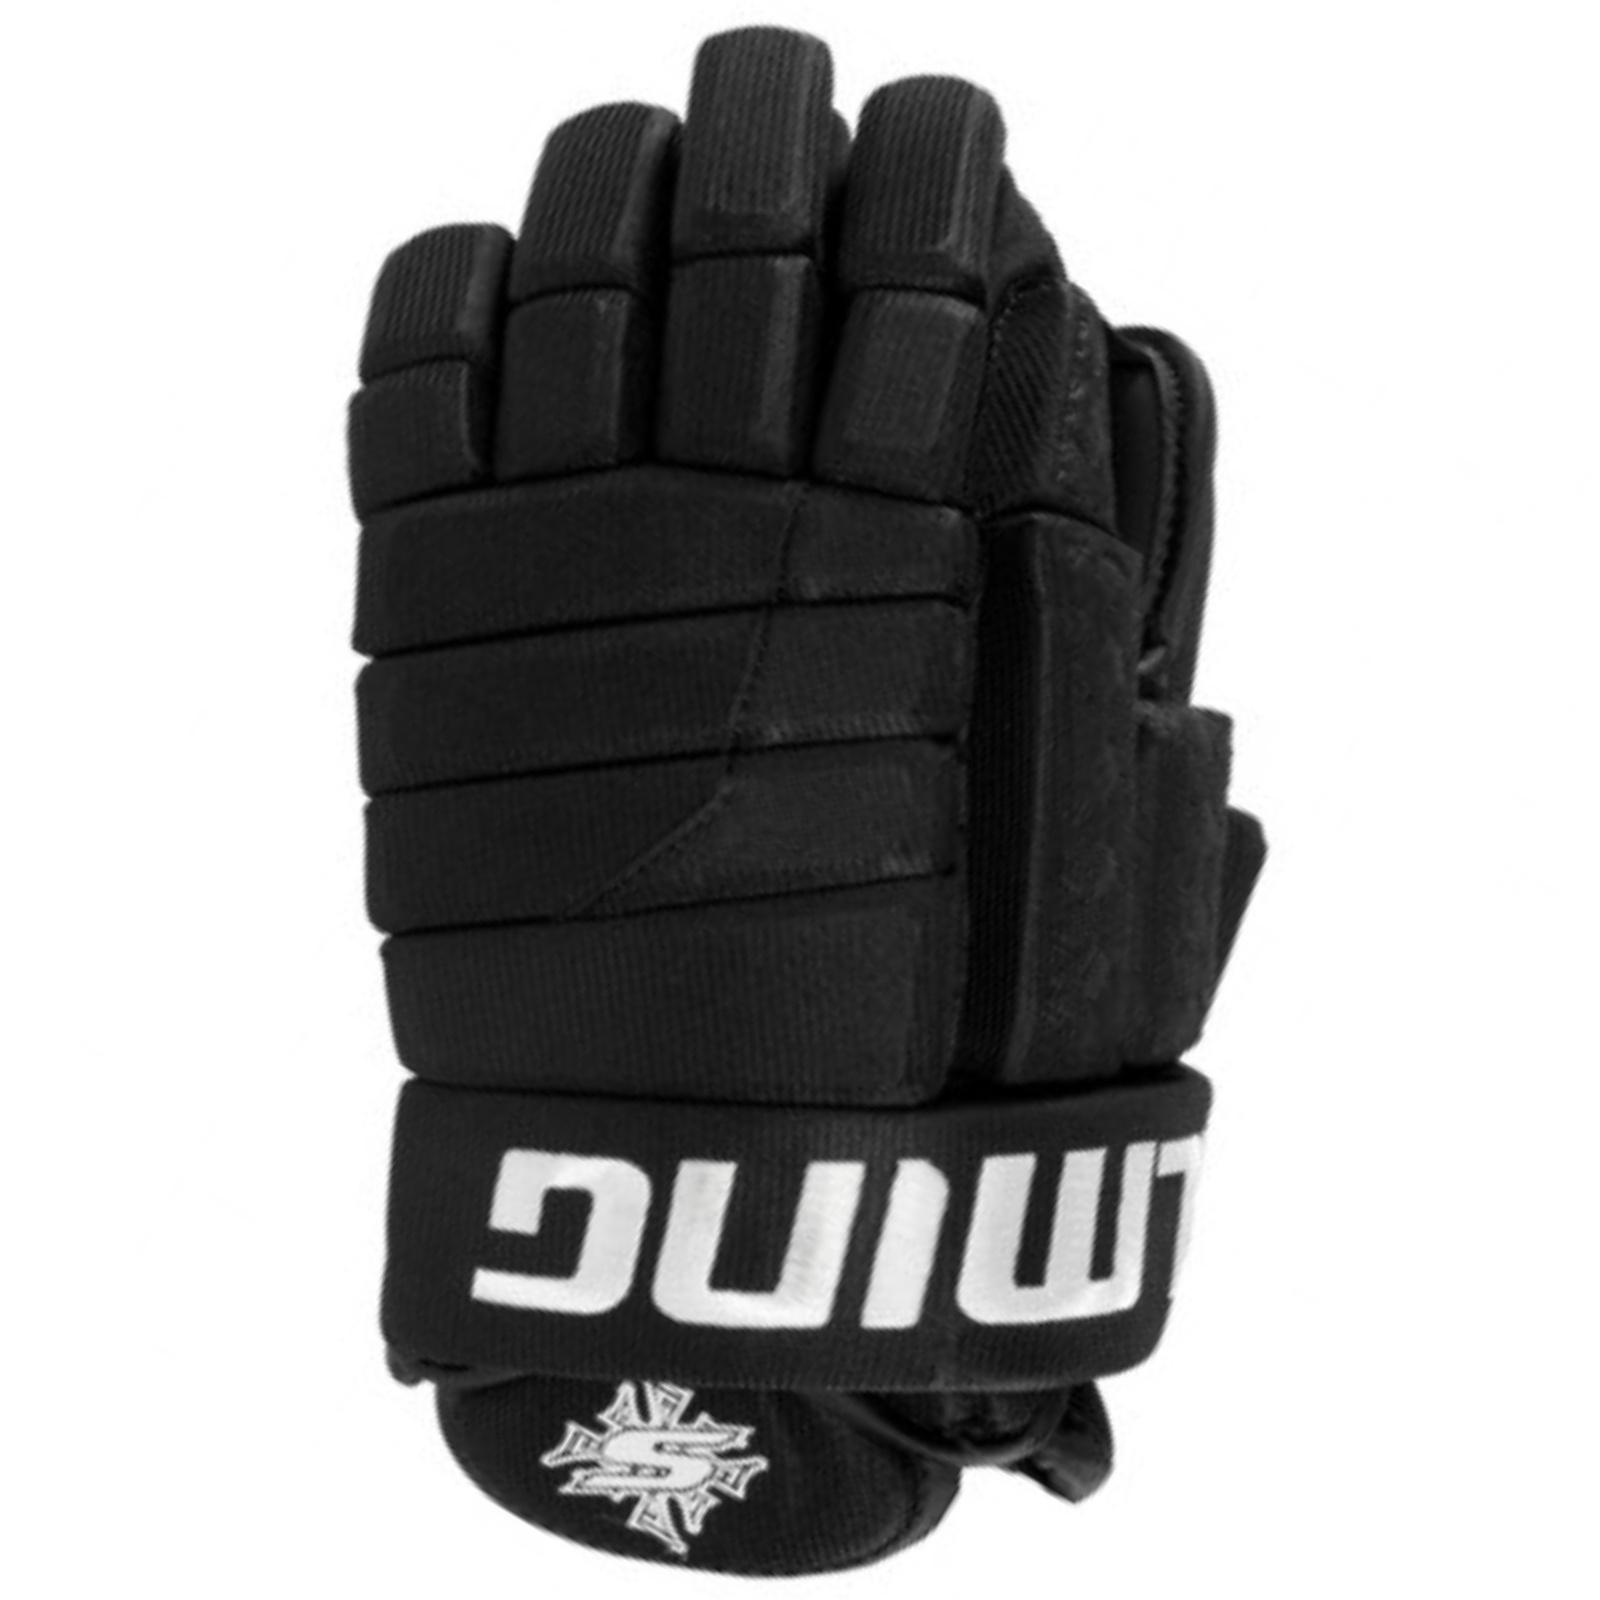 Hokejové rukavice SALMING Glove M11 - čierne 12''